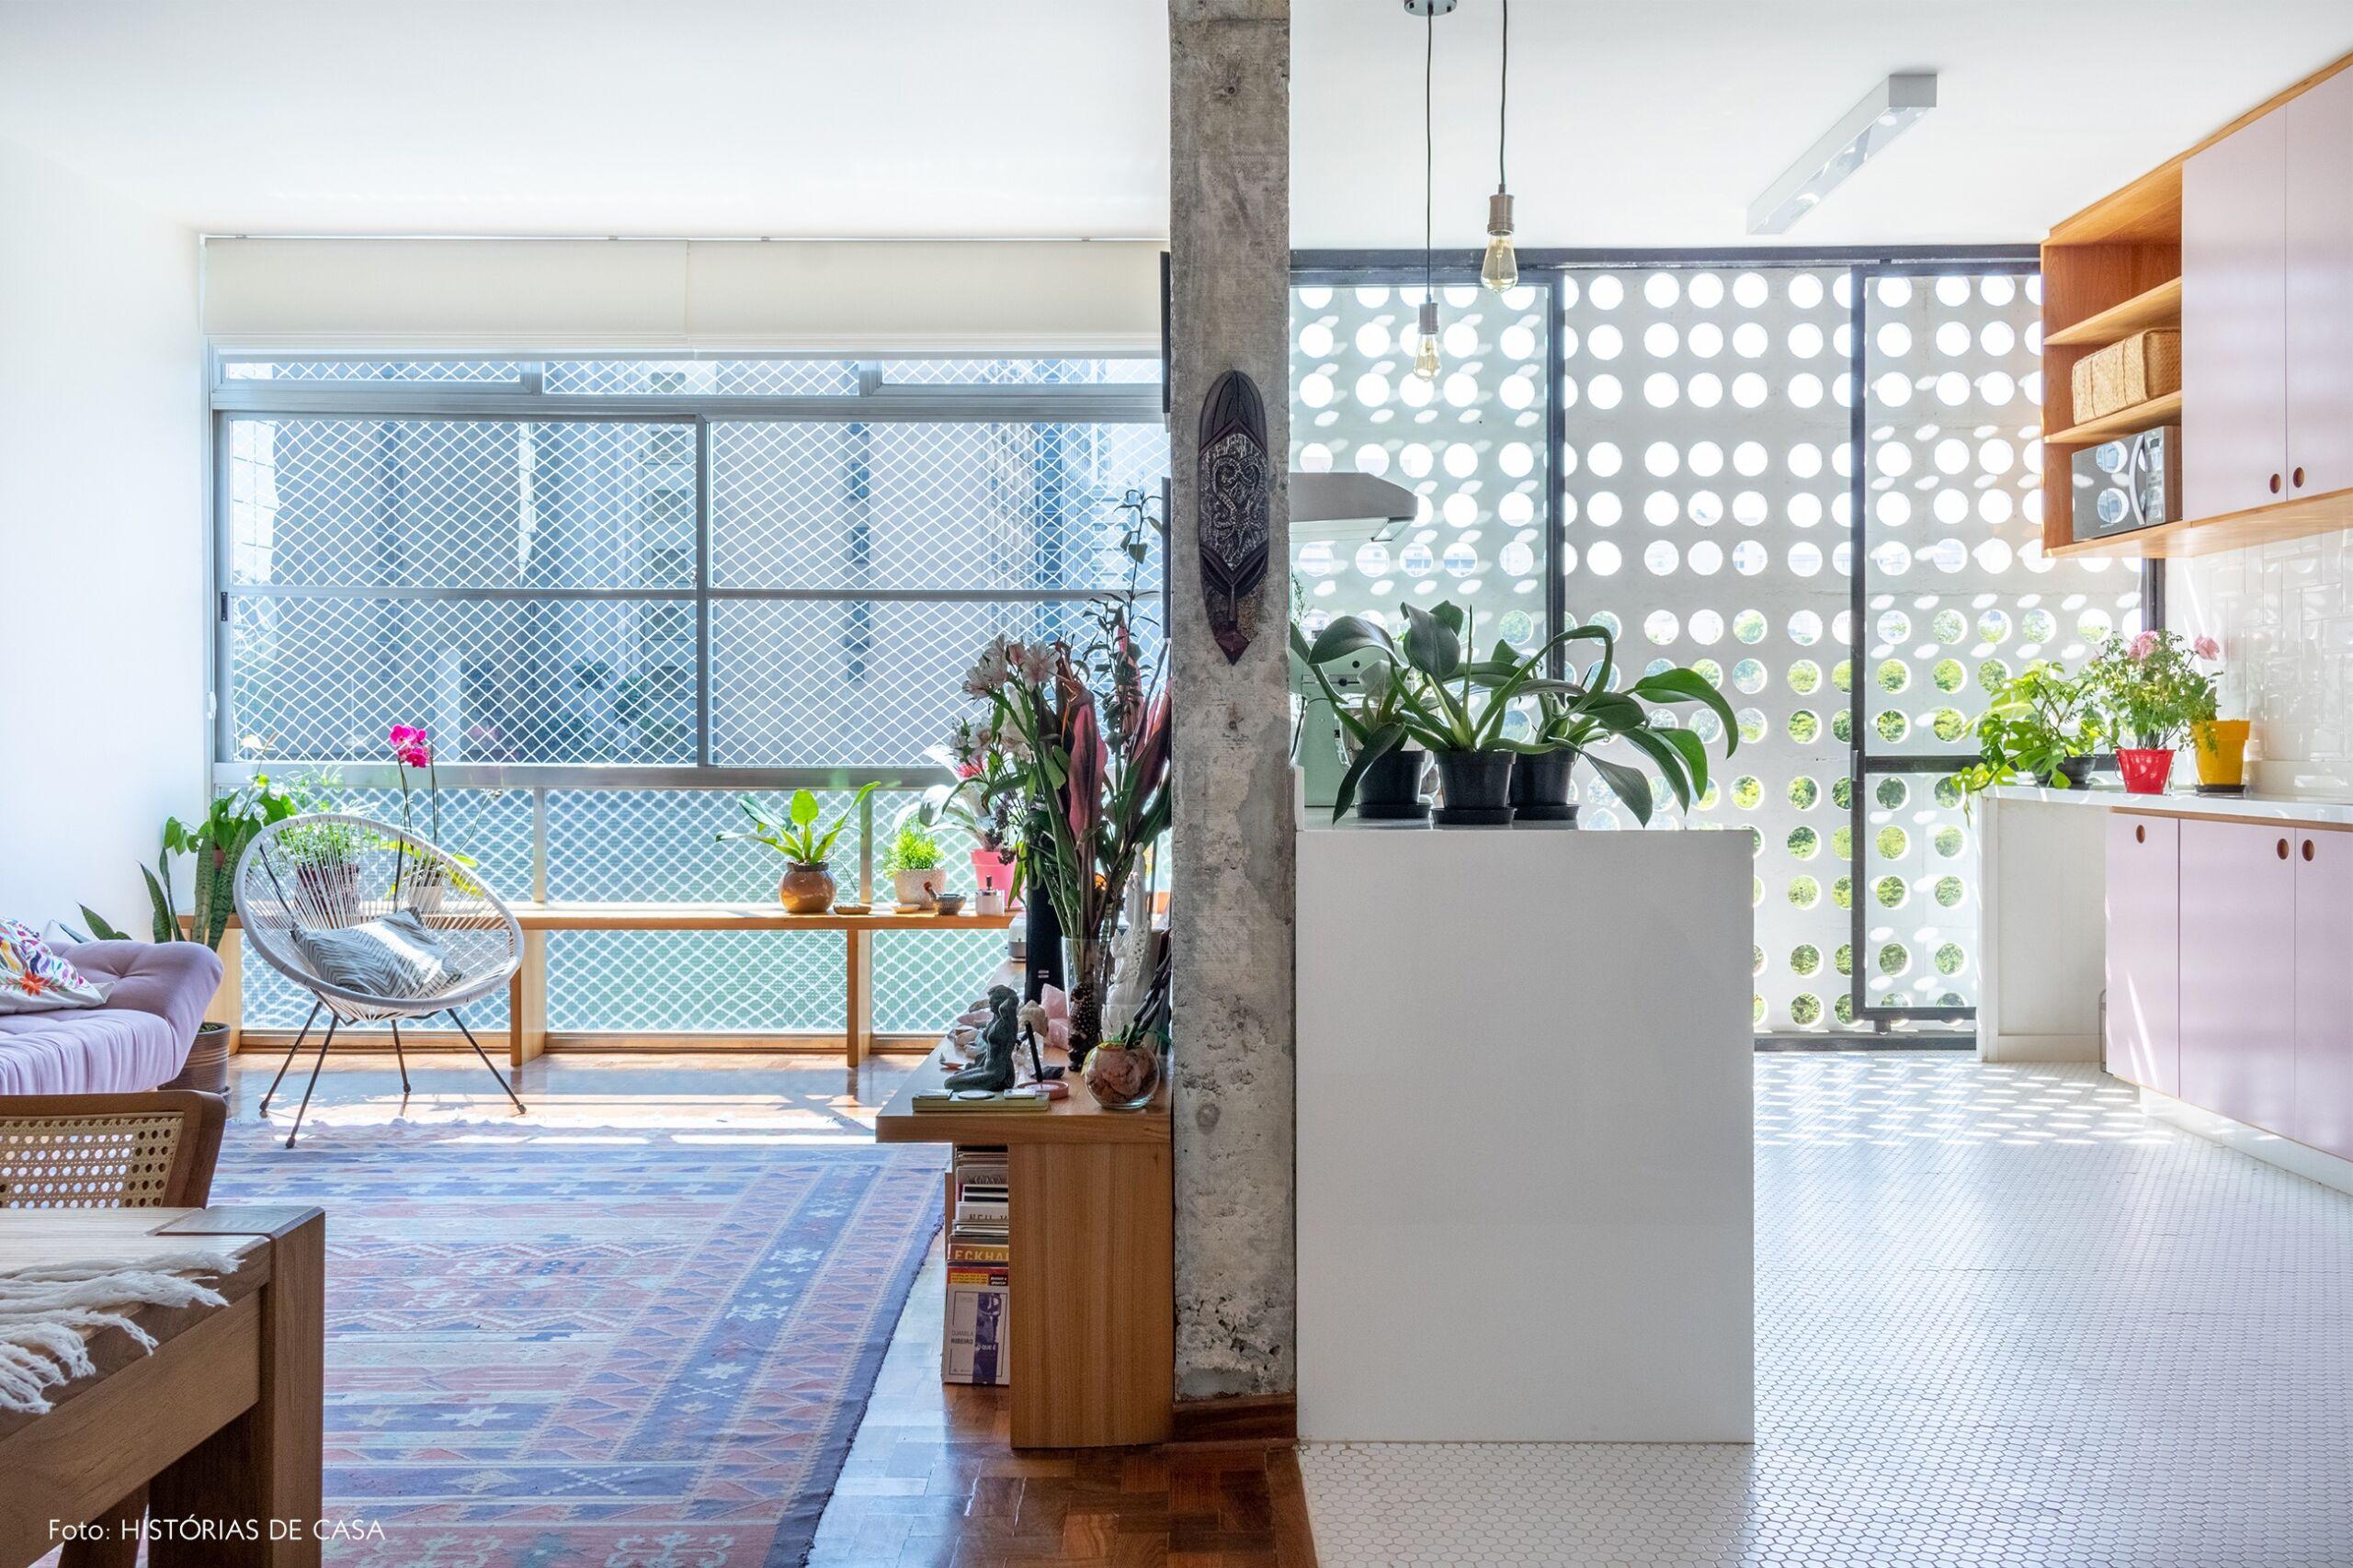 sala-cozinha-parede-concreto-armario-rosa-janela-grande-cogobo-caderia-branca-plantas